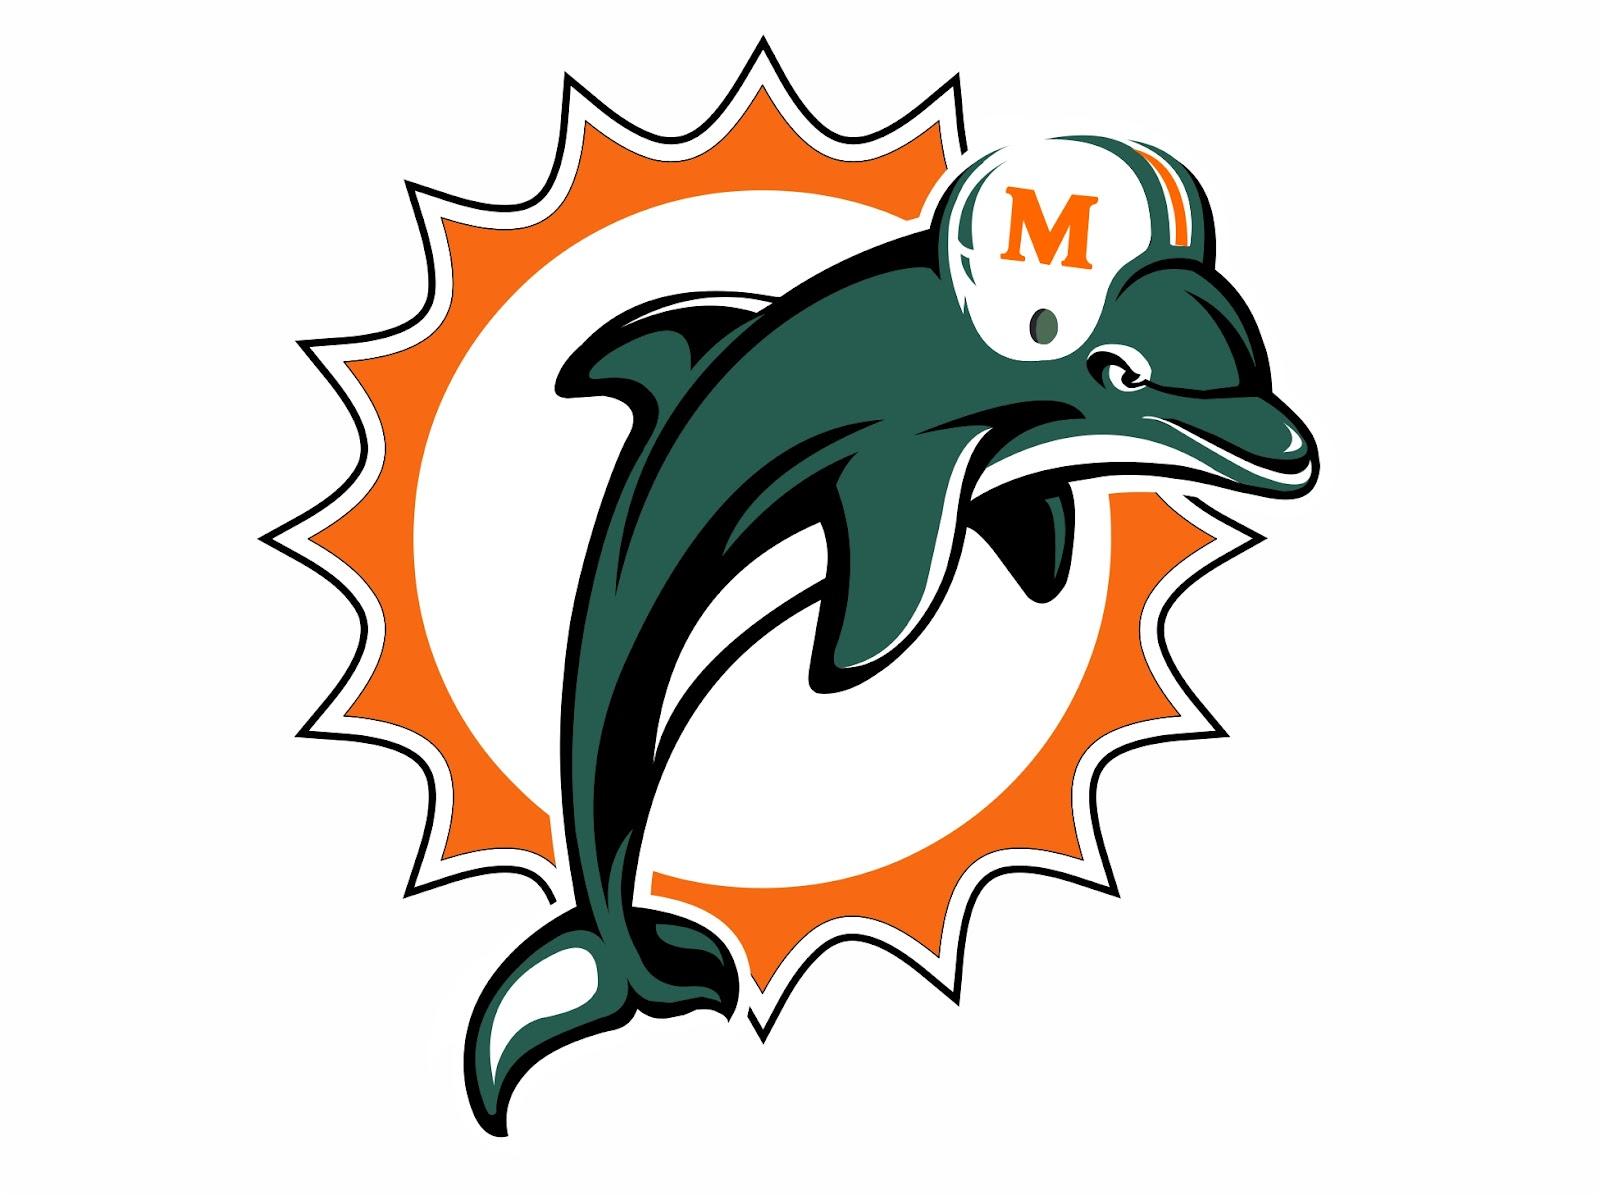 Checa un rediseño de los 32 logos de la NFL Sopitas  - Imagenes De Escudos De Equipos De Futbol Americano